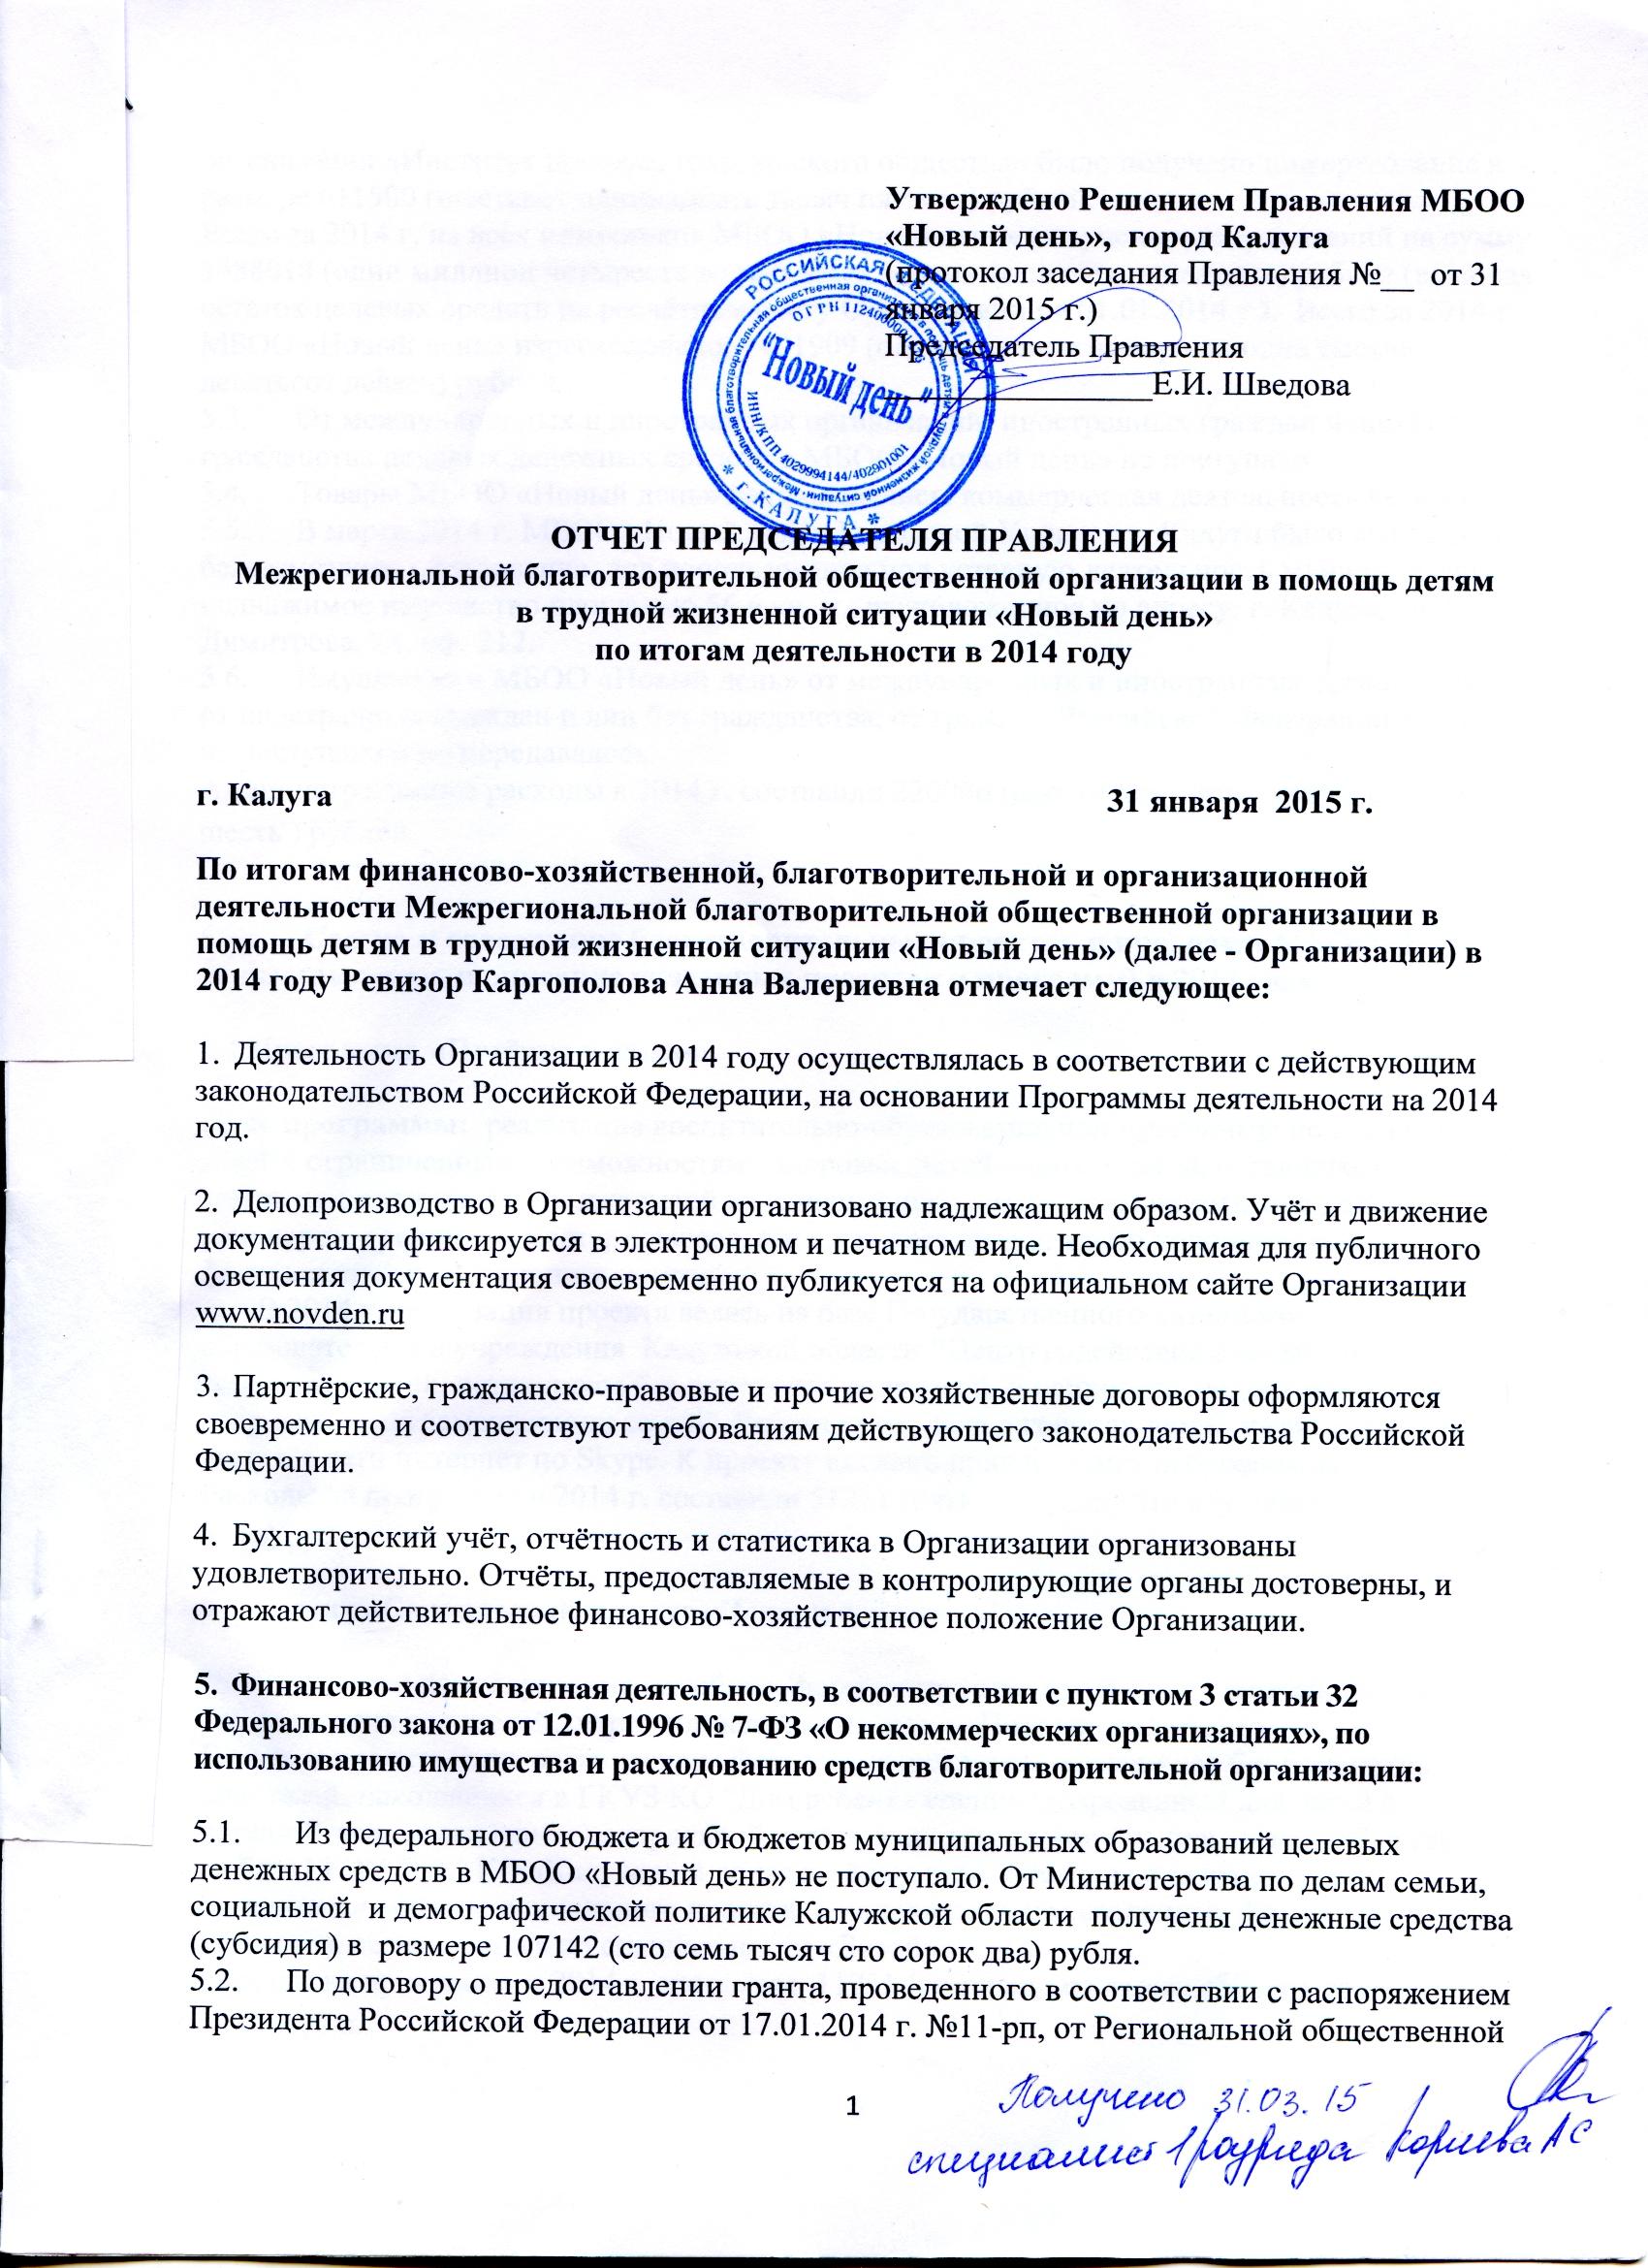 """Отчёт председателя правления МБОО """"Новый день"""" по итогам деятельности в 2014 году документ 1"""